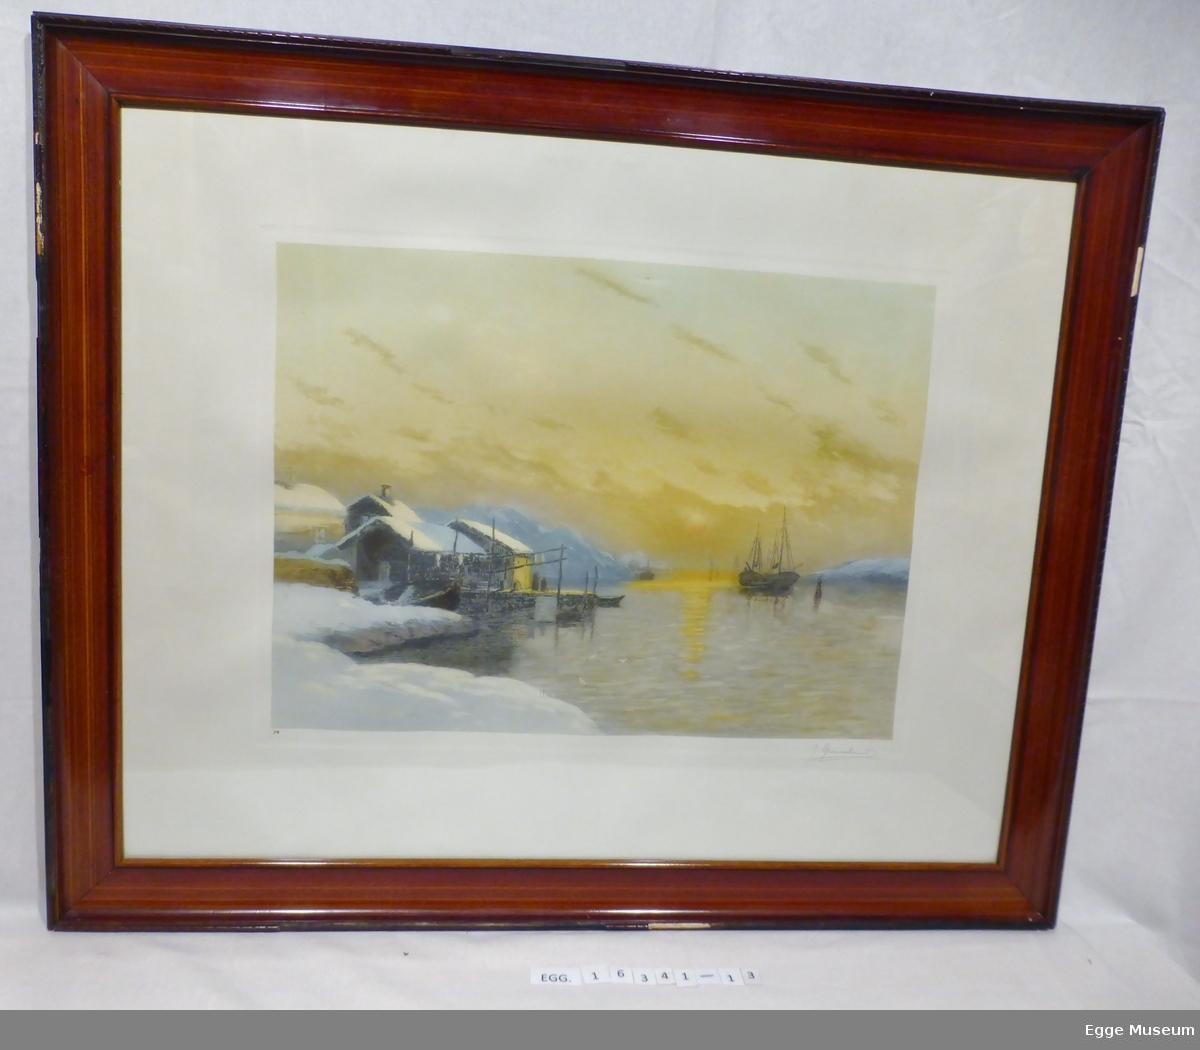 """Maleriet viser solnedgang over en snødekket bukt. Det ligger to fiskebåter på vannet, og lenger ut i bukta kan det skimtes flere master som forteller at det er flere båter i nærheten. De to båtene nærmest er fortøyd til en påle i vannet. Foran båtene ligger en robåt med to mennesker ombord, sannsynligvis fiskere som skal inn til land. Innerst i bukta ligger det ei kai i tilknyttelse til to bygninger. Bak kaia ligger det to bygninger til, disse med vinduer og pipe, noe som tilsier at det kan være bolighus.  Til venstre for kaia ligger det to robåter, en lent på skrå inntil kaia, og en oppned på bakken. Det ligger også en robåt på vannet på den andre siden av kaia. Oppå kaia står det to mennesker som kan se ut som en voksen og et barn. Nederst i bildet flyr det tre måker. Bildet er signert """"J. Grimlund""""."""